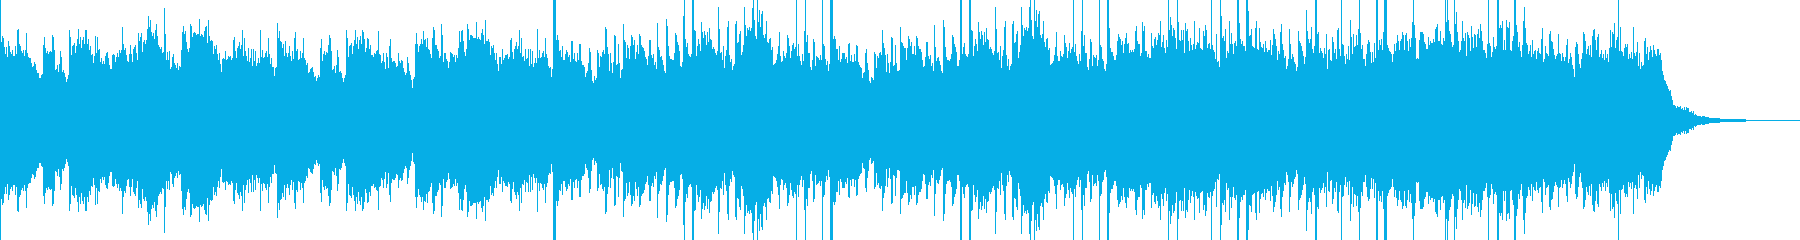 壮大で幻想的なケルト風ピアノバラードの再生済みの波形